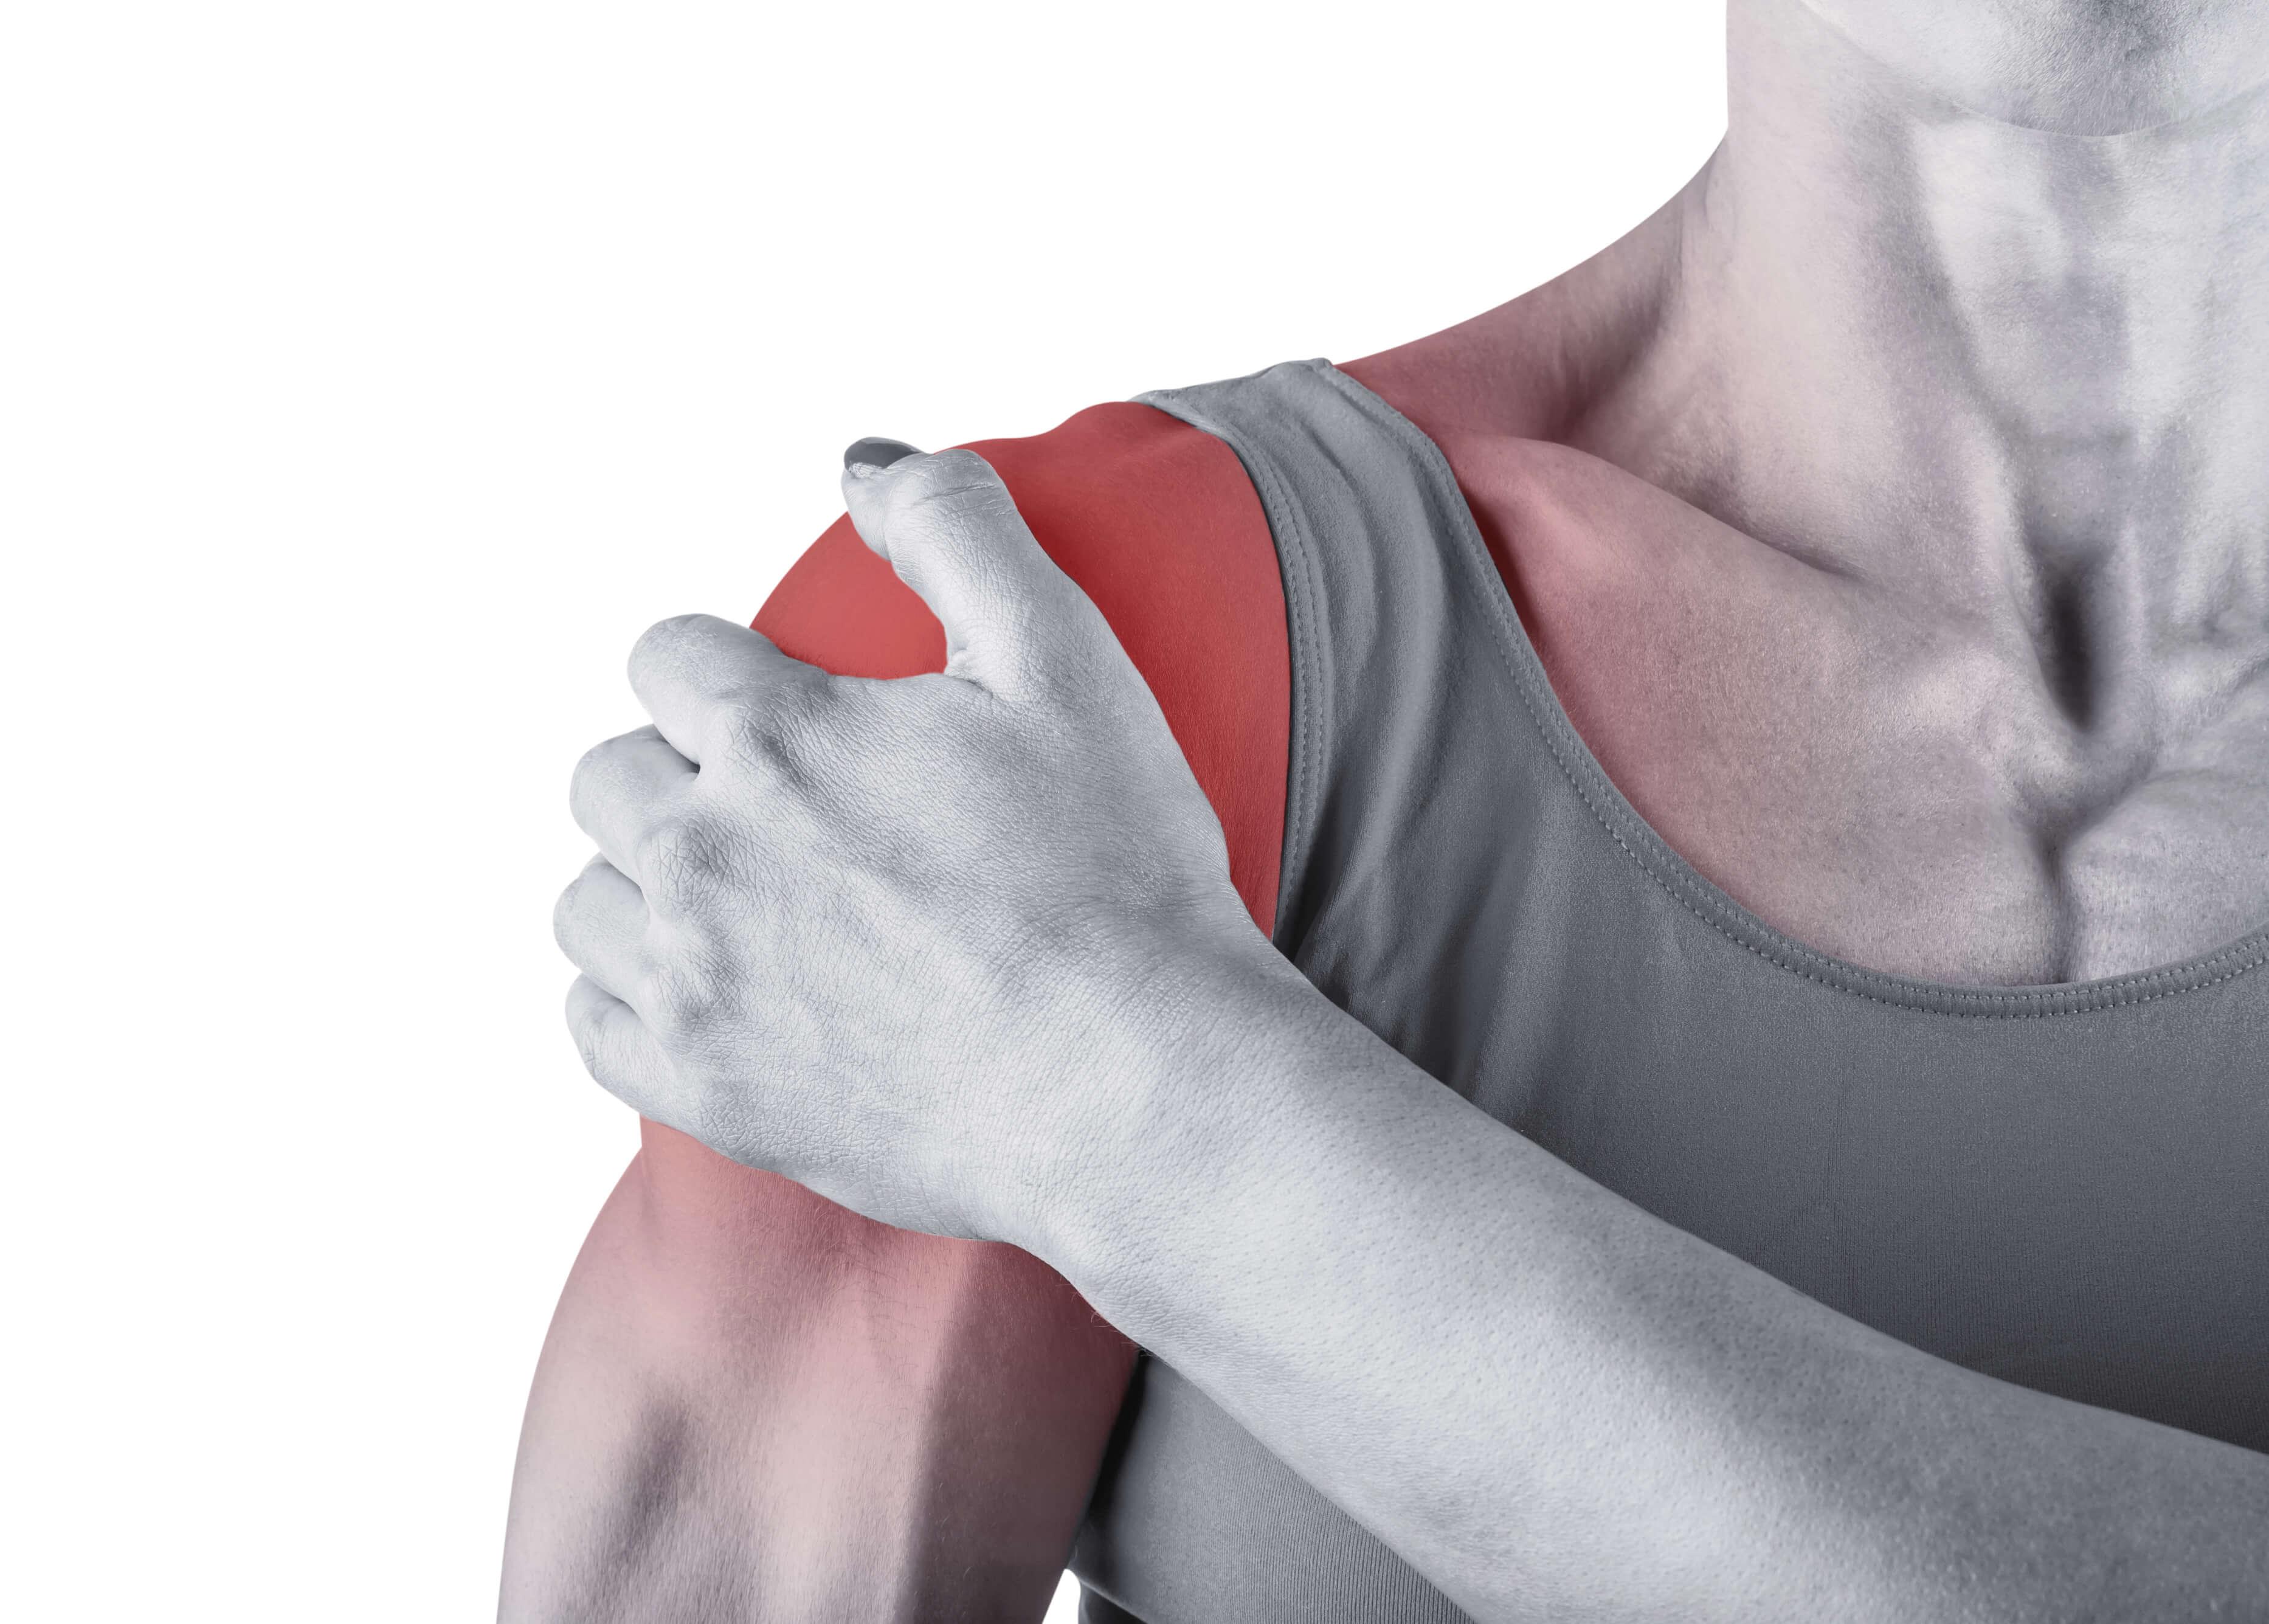 Біль в плечі